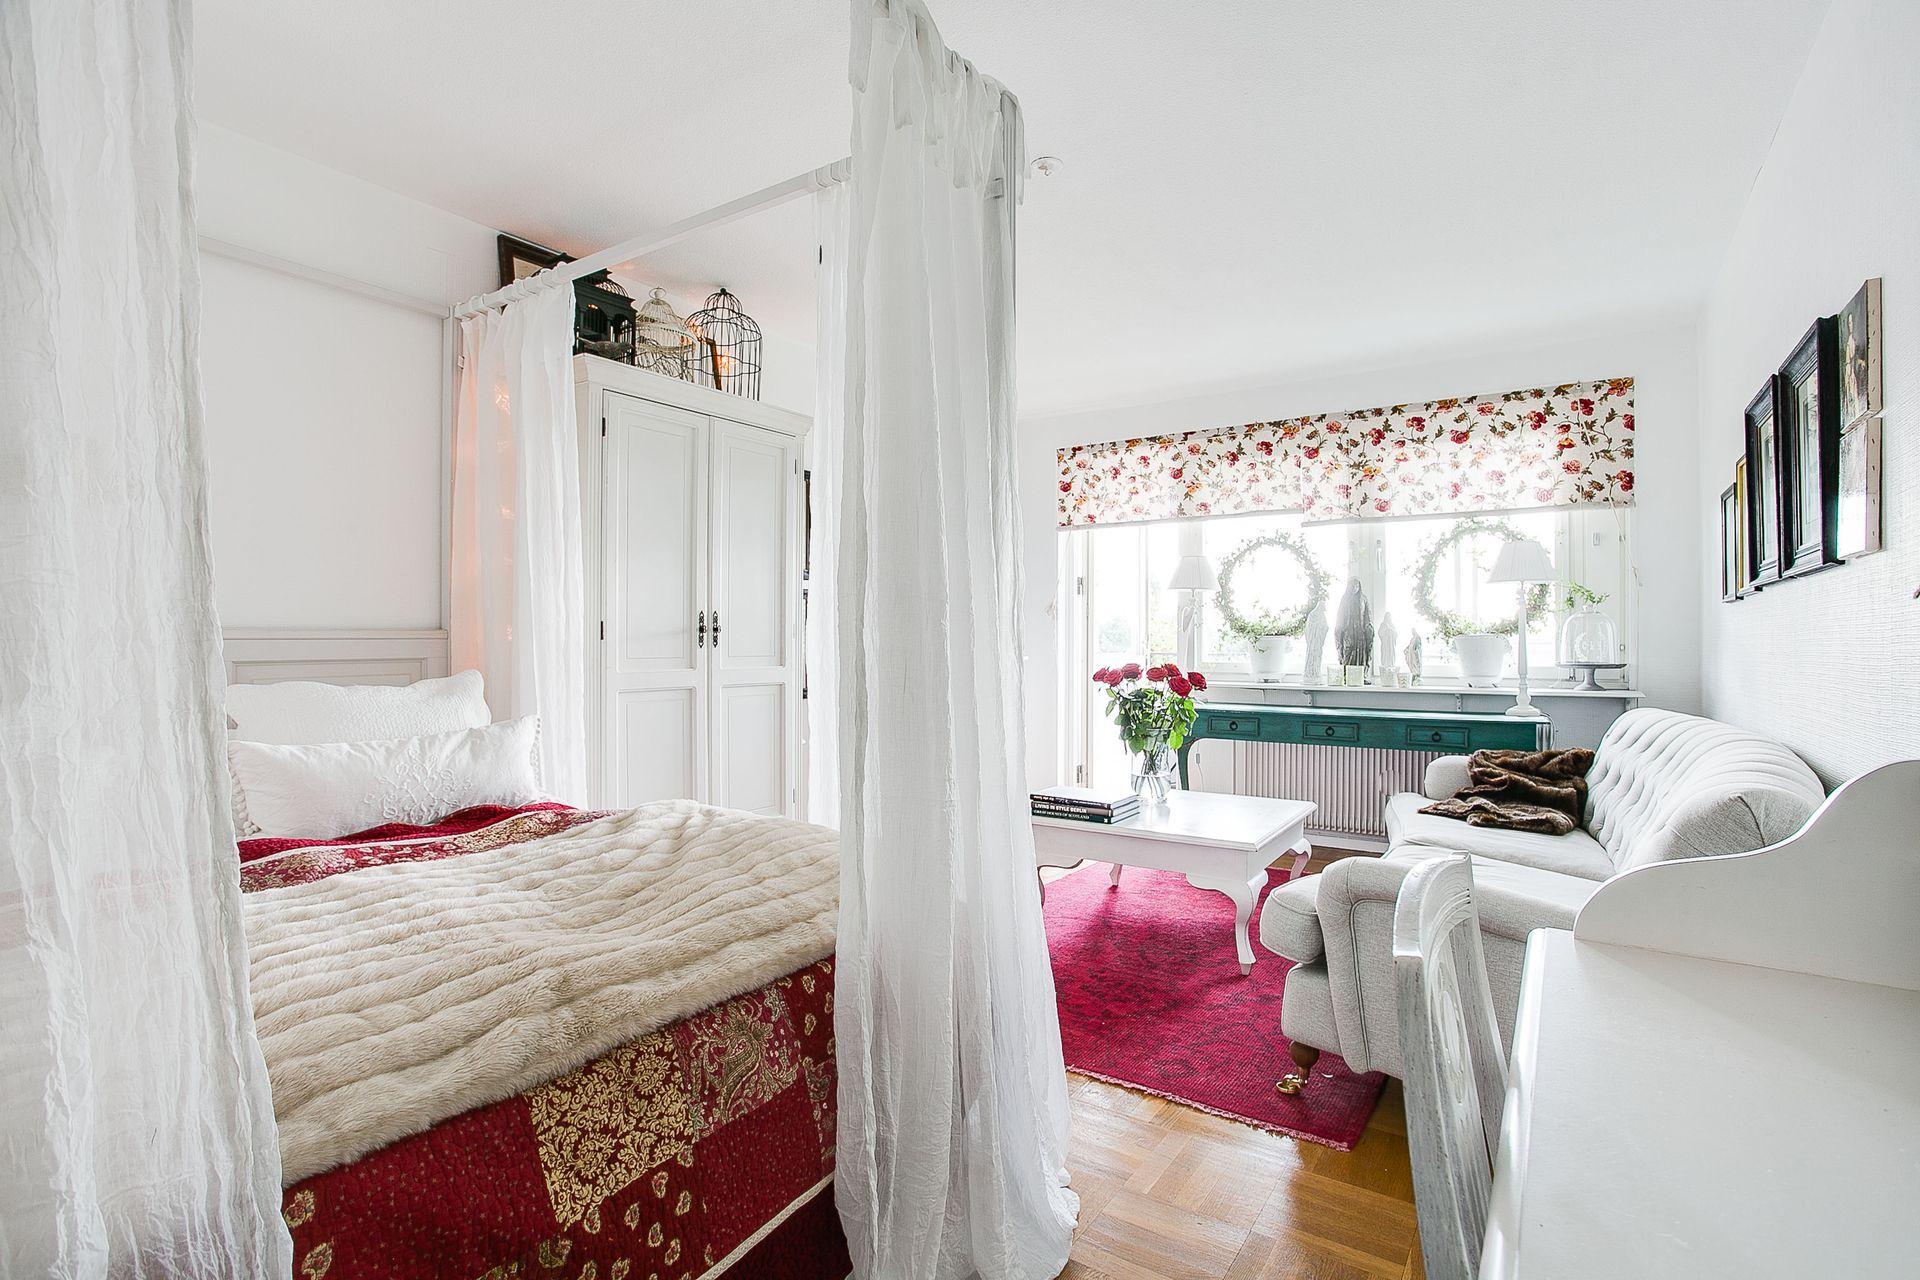 Дизайн квартиры однокомнатной: как правильно оформить